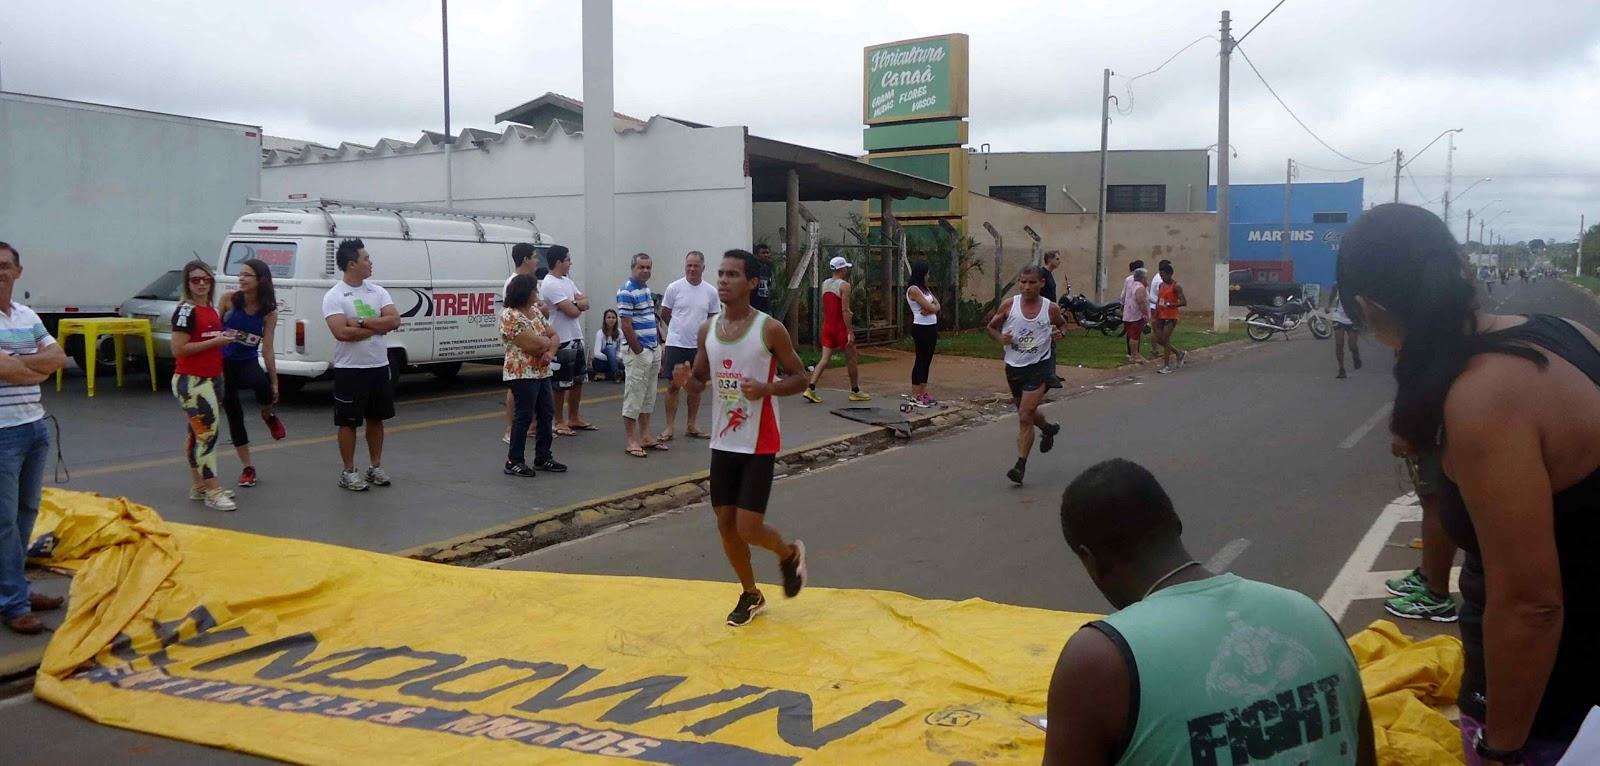 Foto 85 da 1ª Corrida Av. dos Coqueiros em Barretos-SP 14/04/2013 – Atletas cruzando a linha de chegada